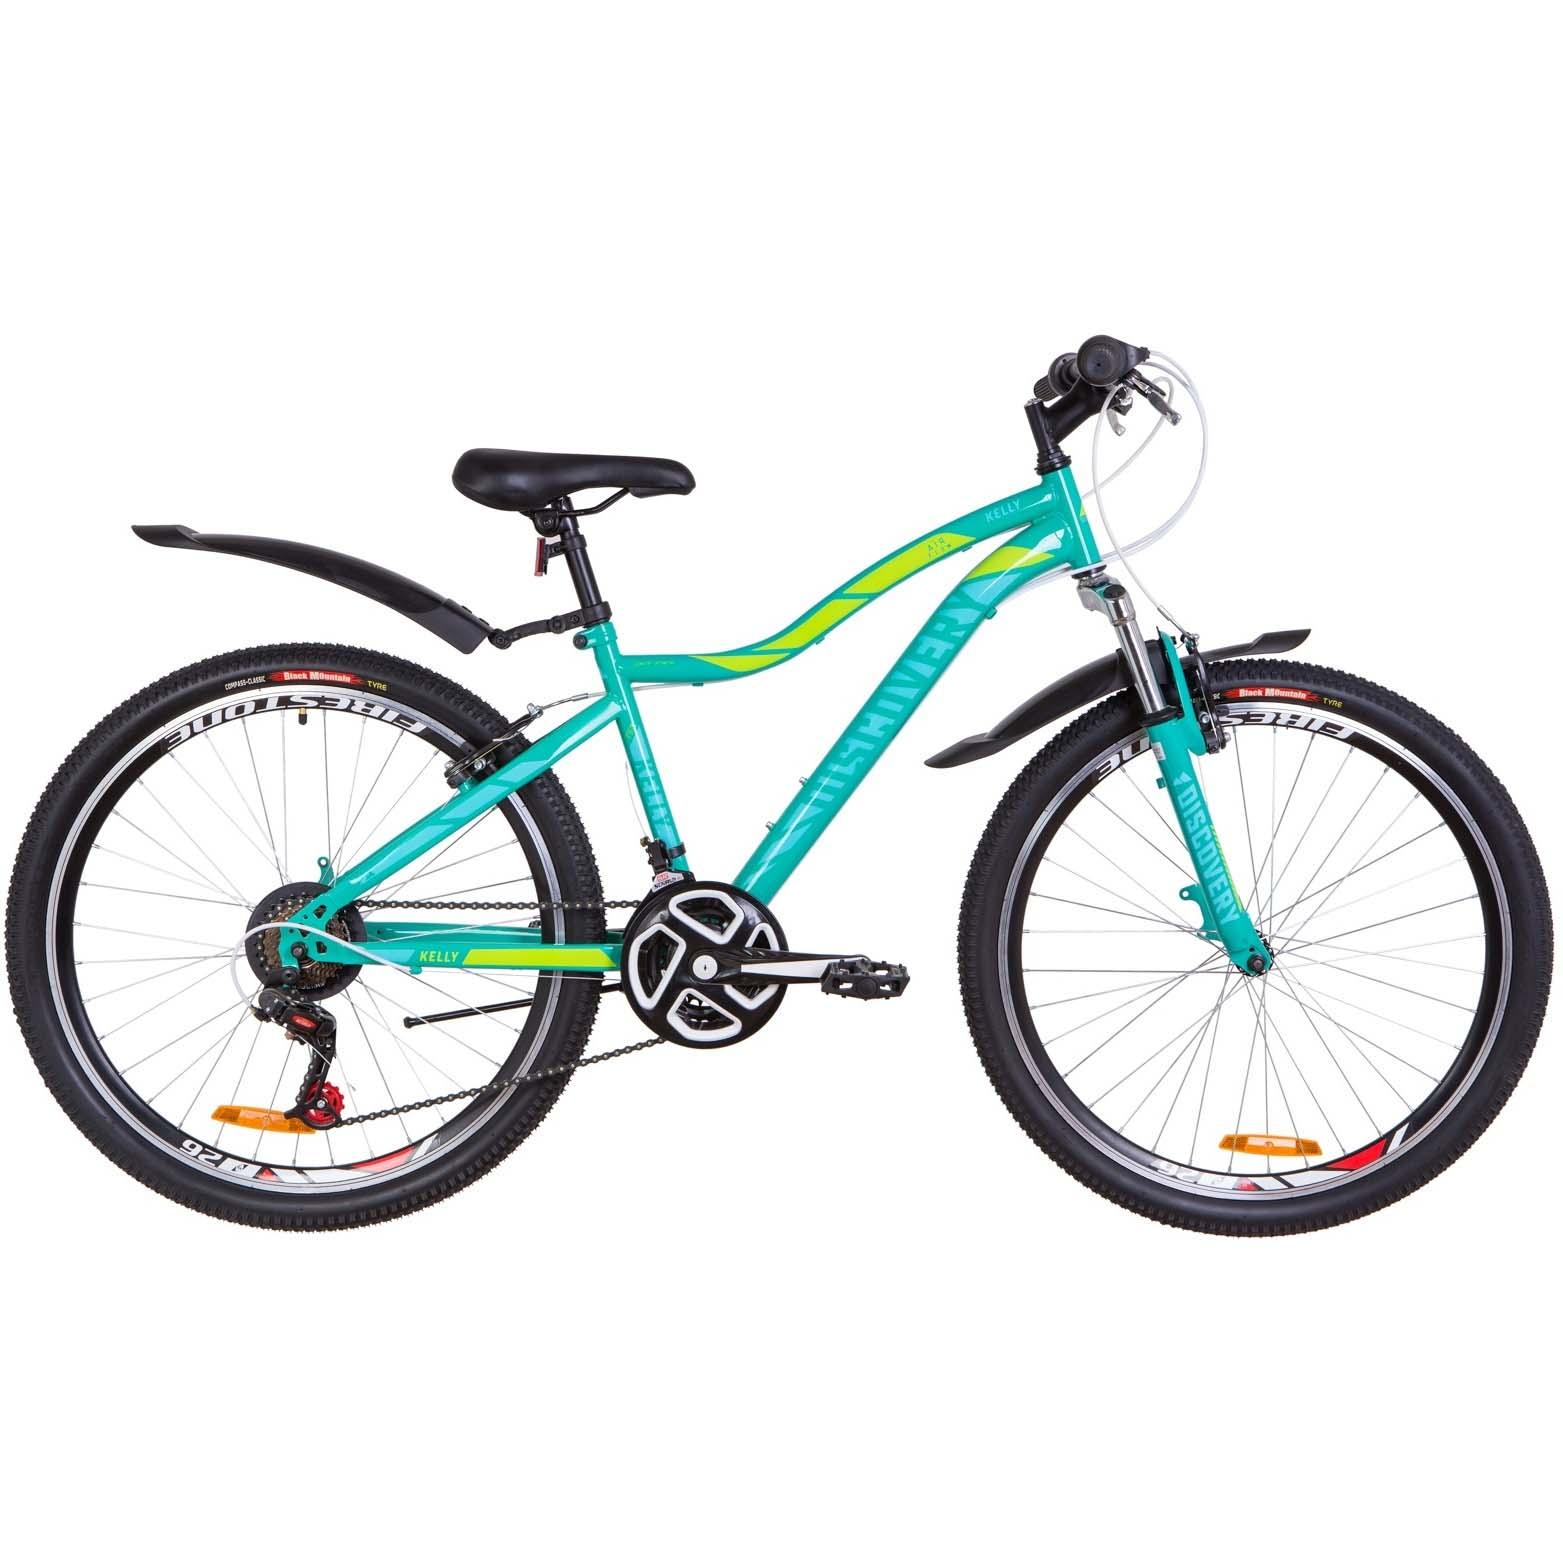 Фото Женский Велосипед 26  Discovery KELLY зеленый с крылом 2019